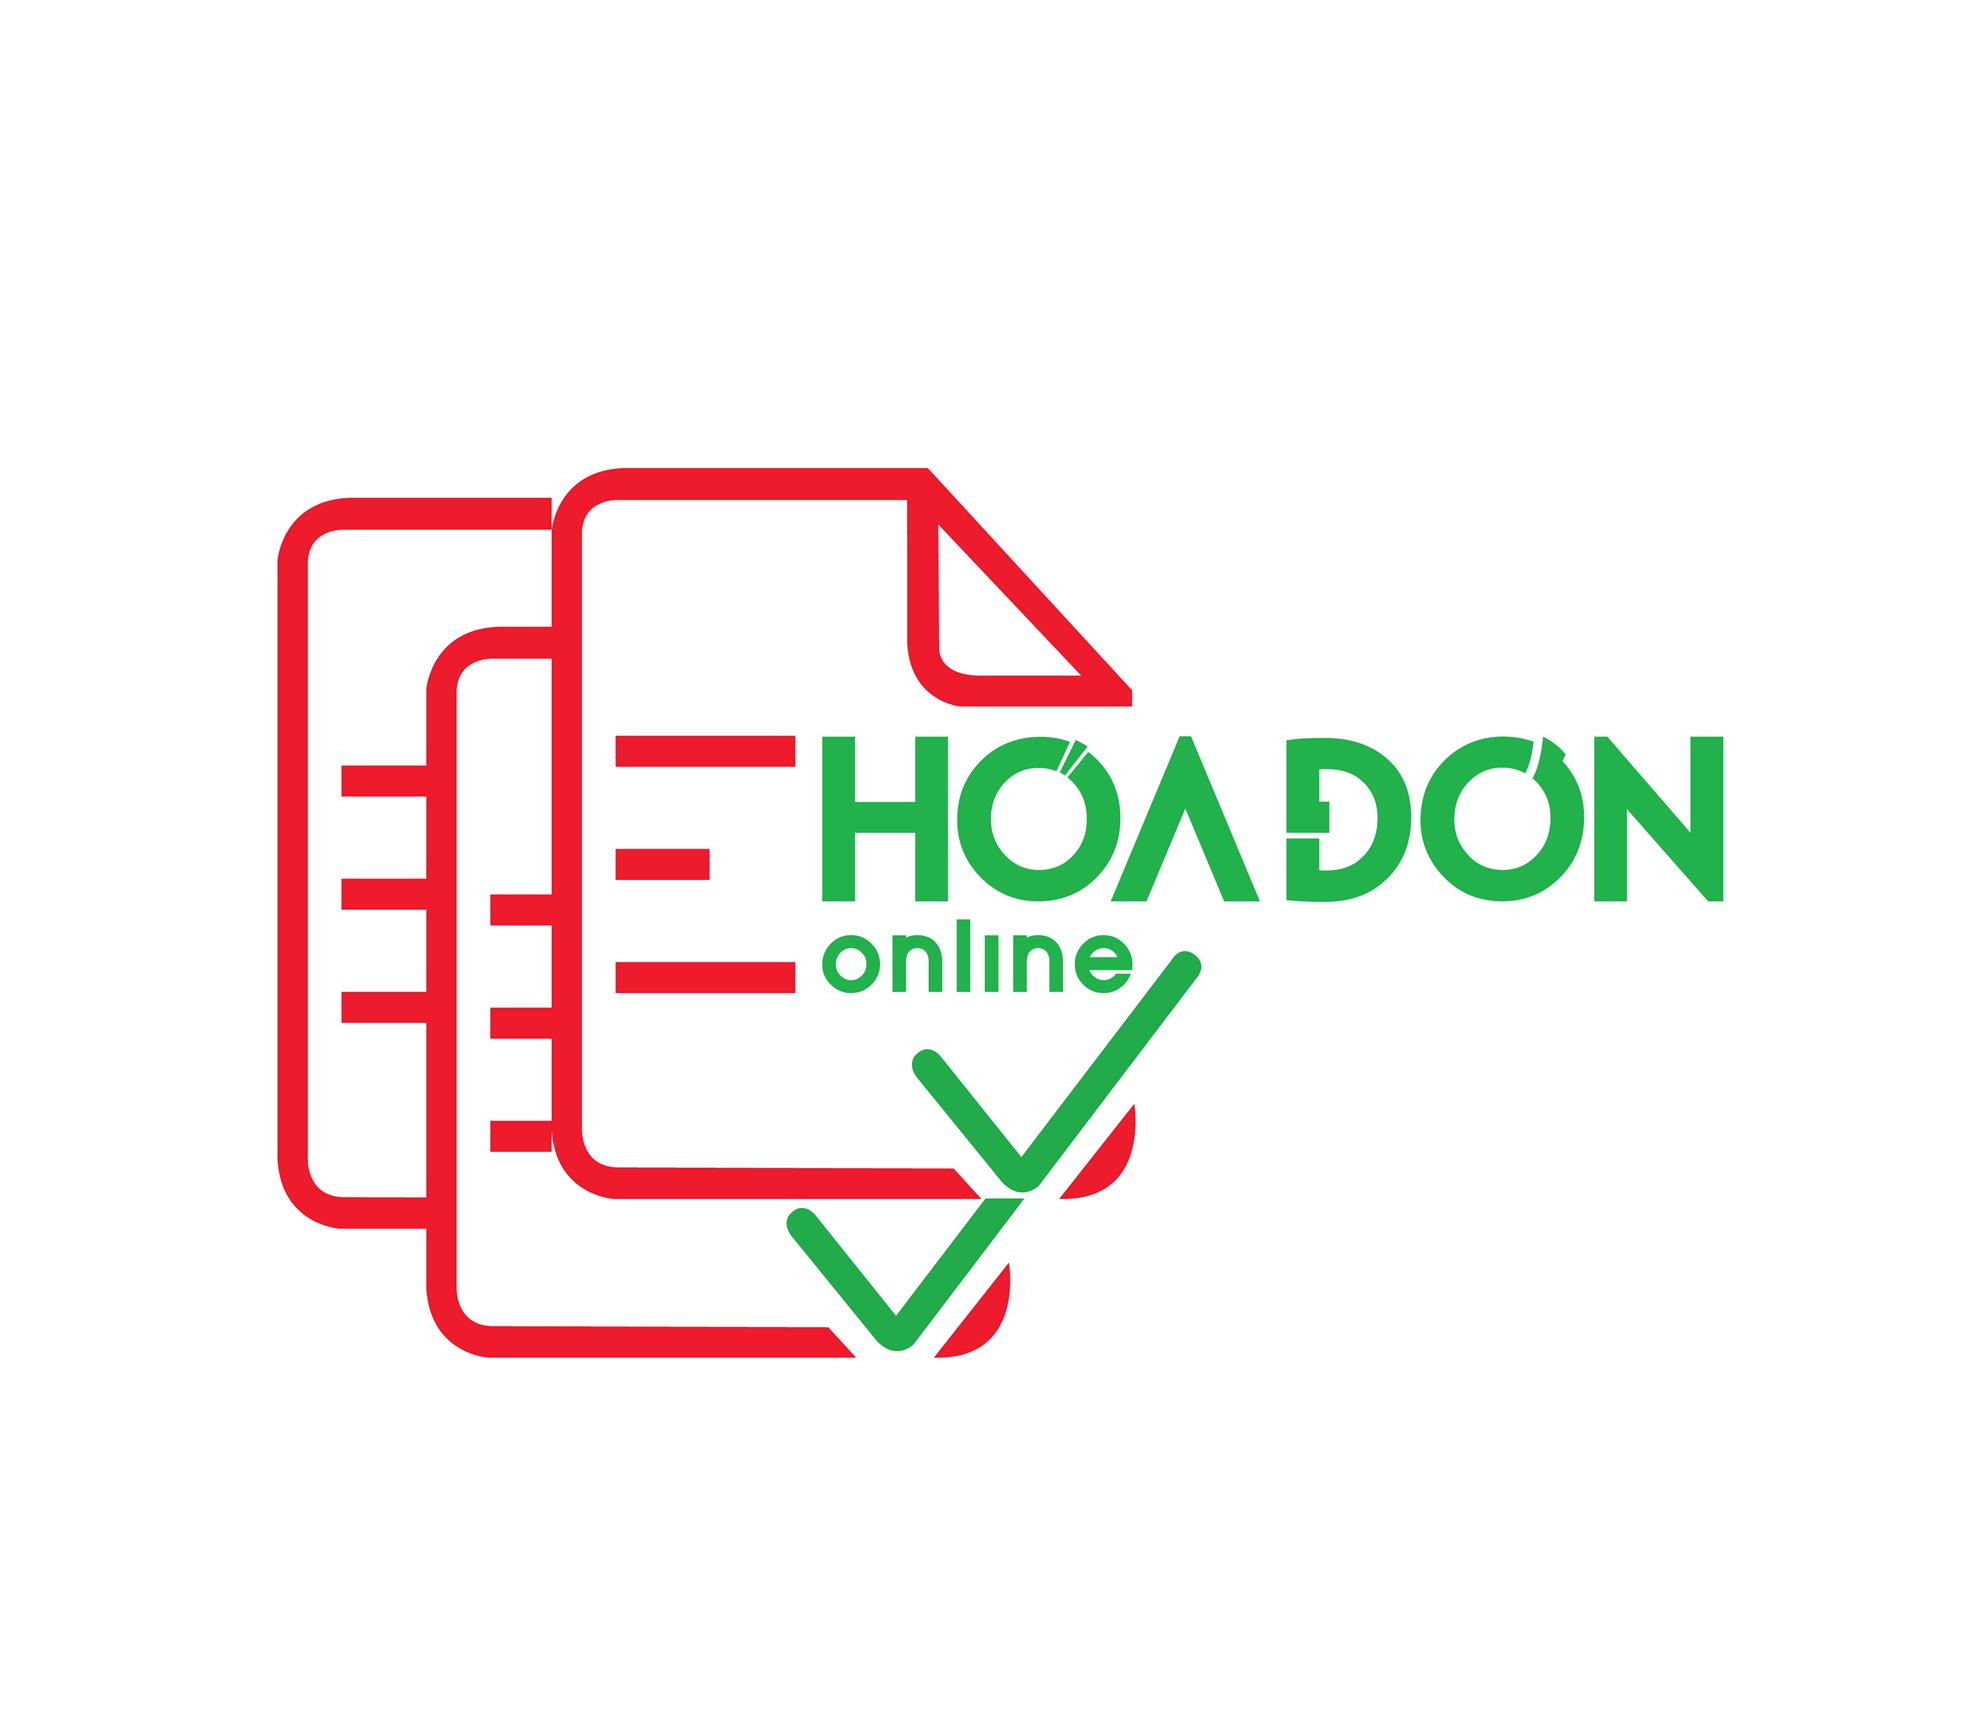 Bà Rịa – Vũng Tàu: Doanh nghiệp cần đăng ký sử dụng hóa đơn điện tử trước 31/12/2020